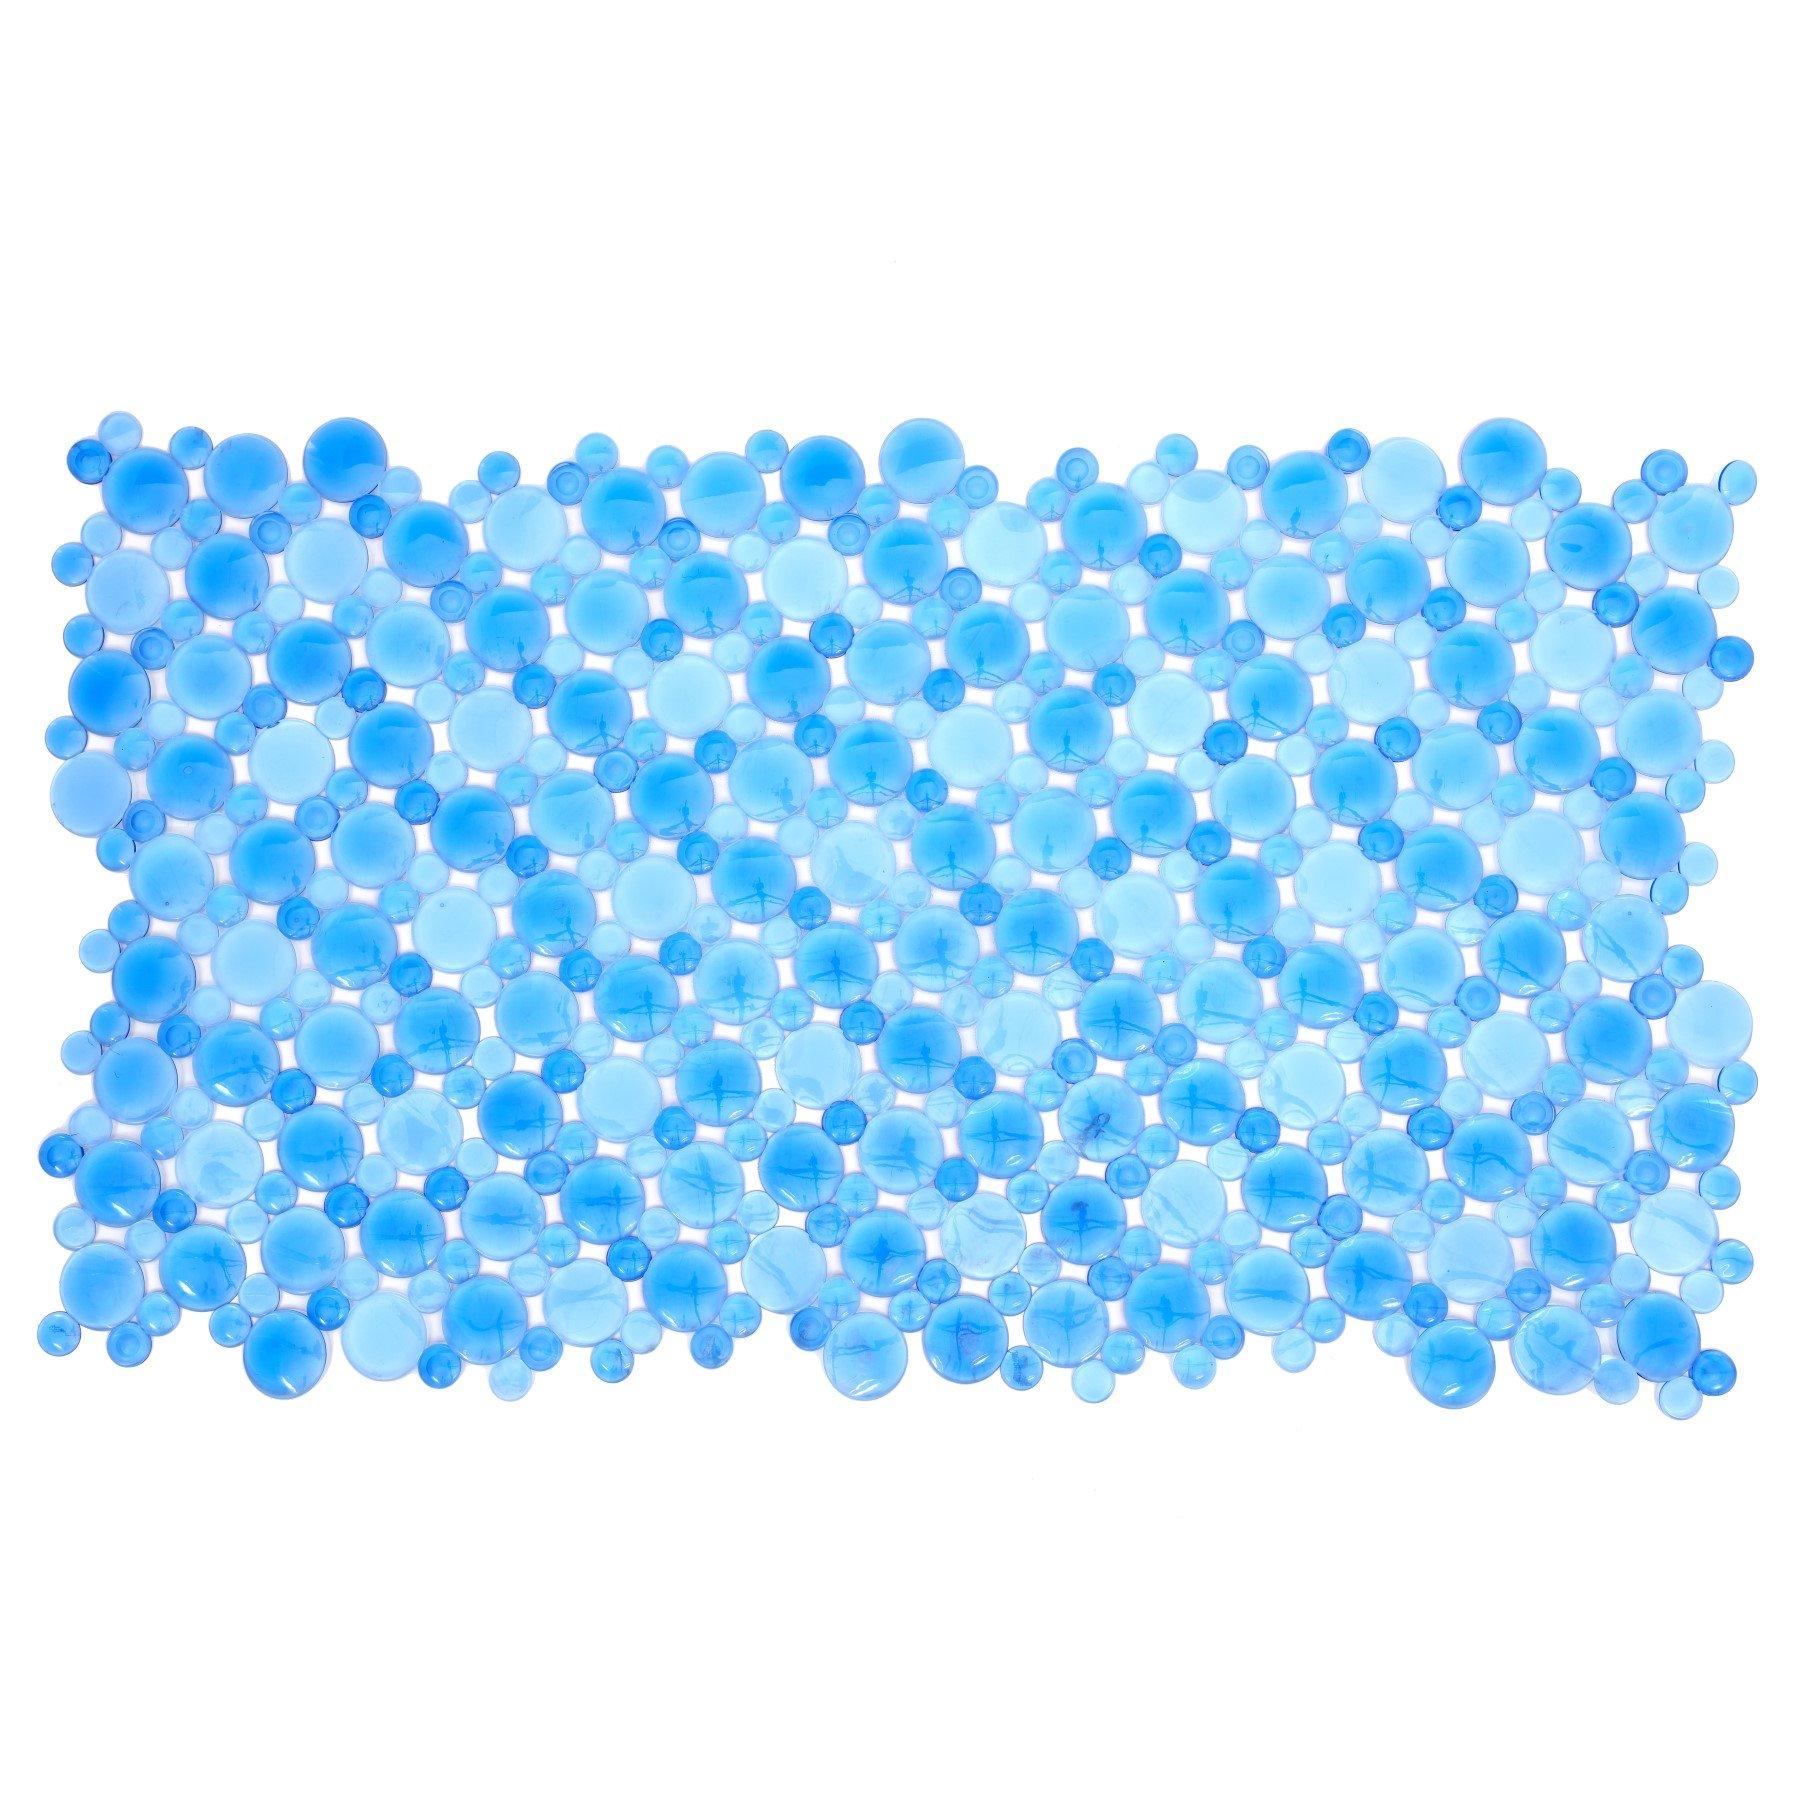 SlipX Solutions Blue Burst of Bubbles Bath Mat Provides Reliable Slip-Resistance (17'' x 30'', Stylish Bubble Design, Machine Washable)